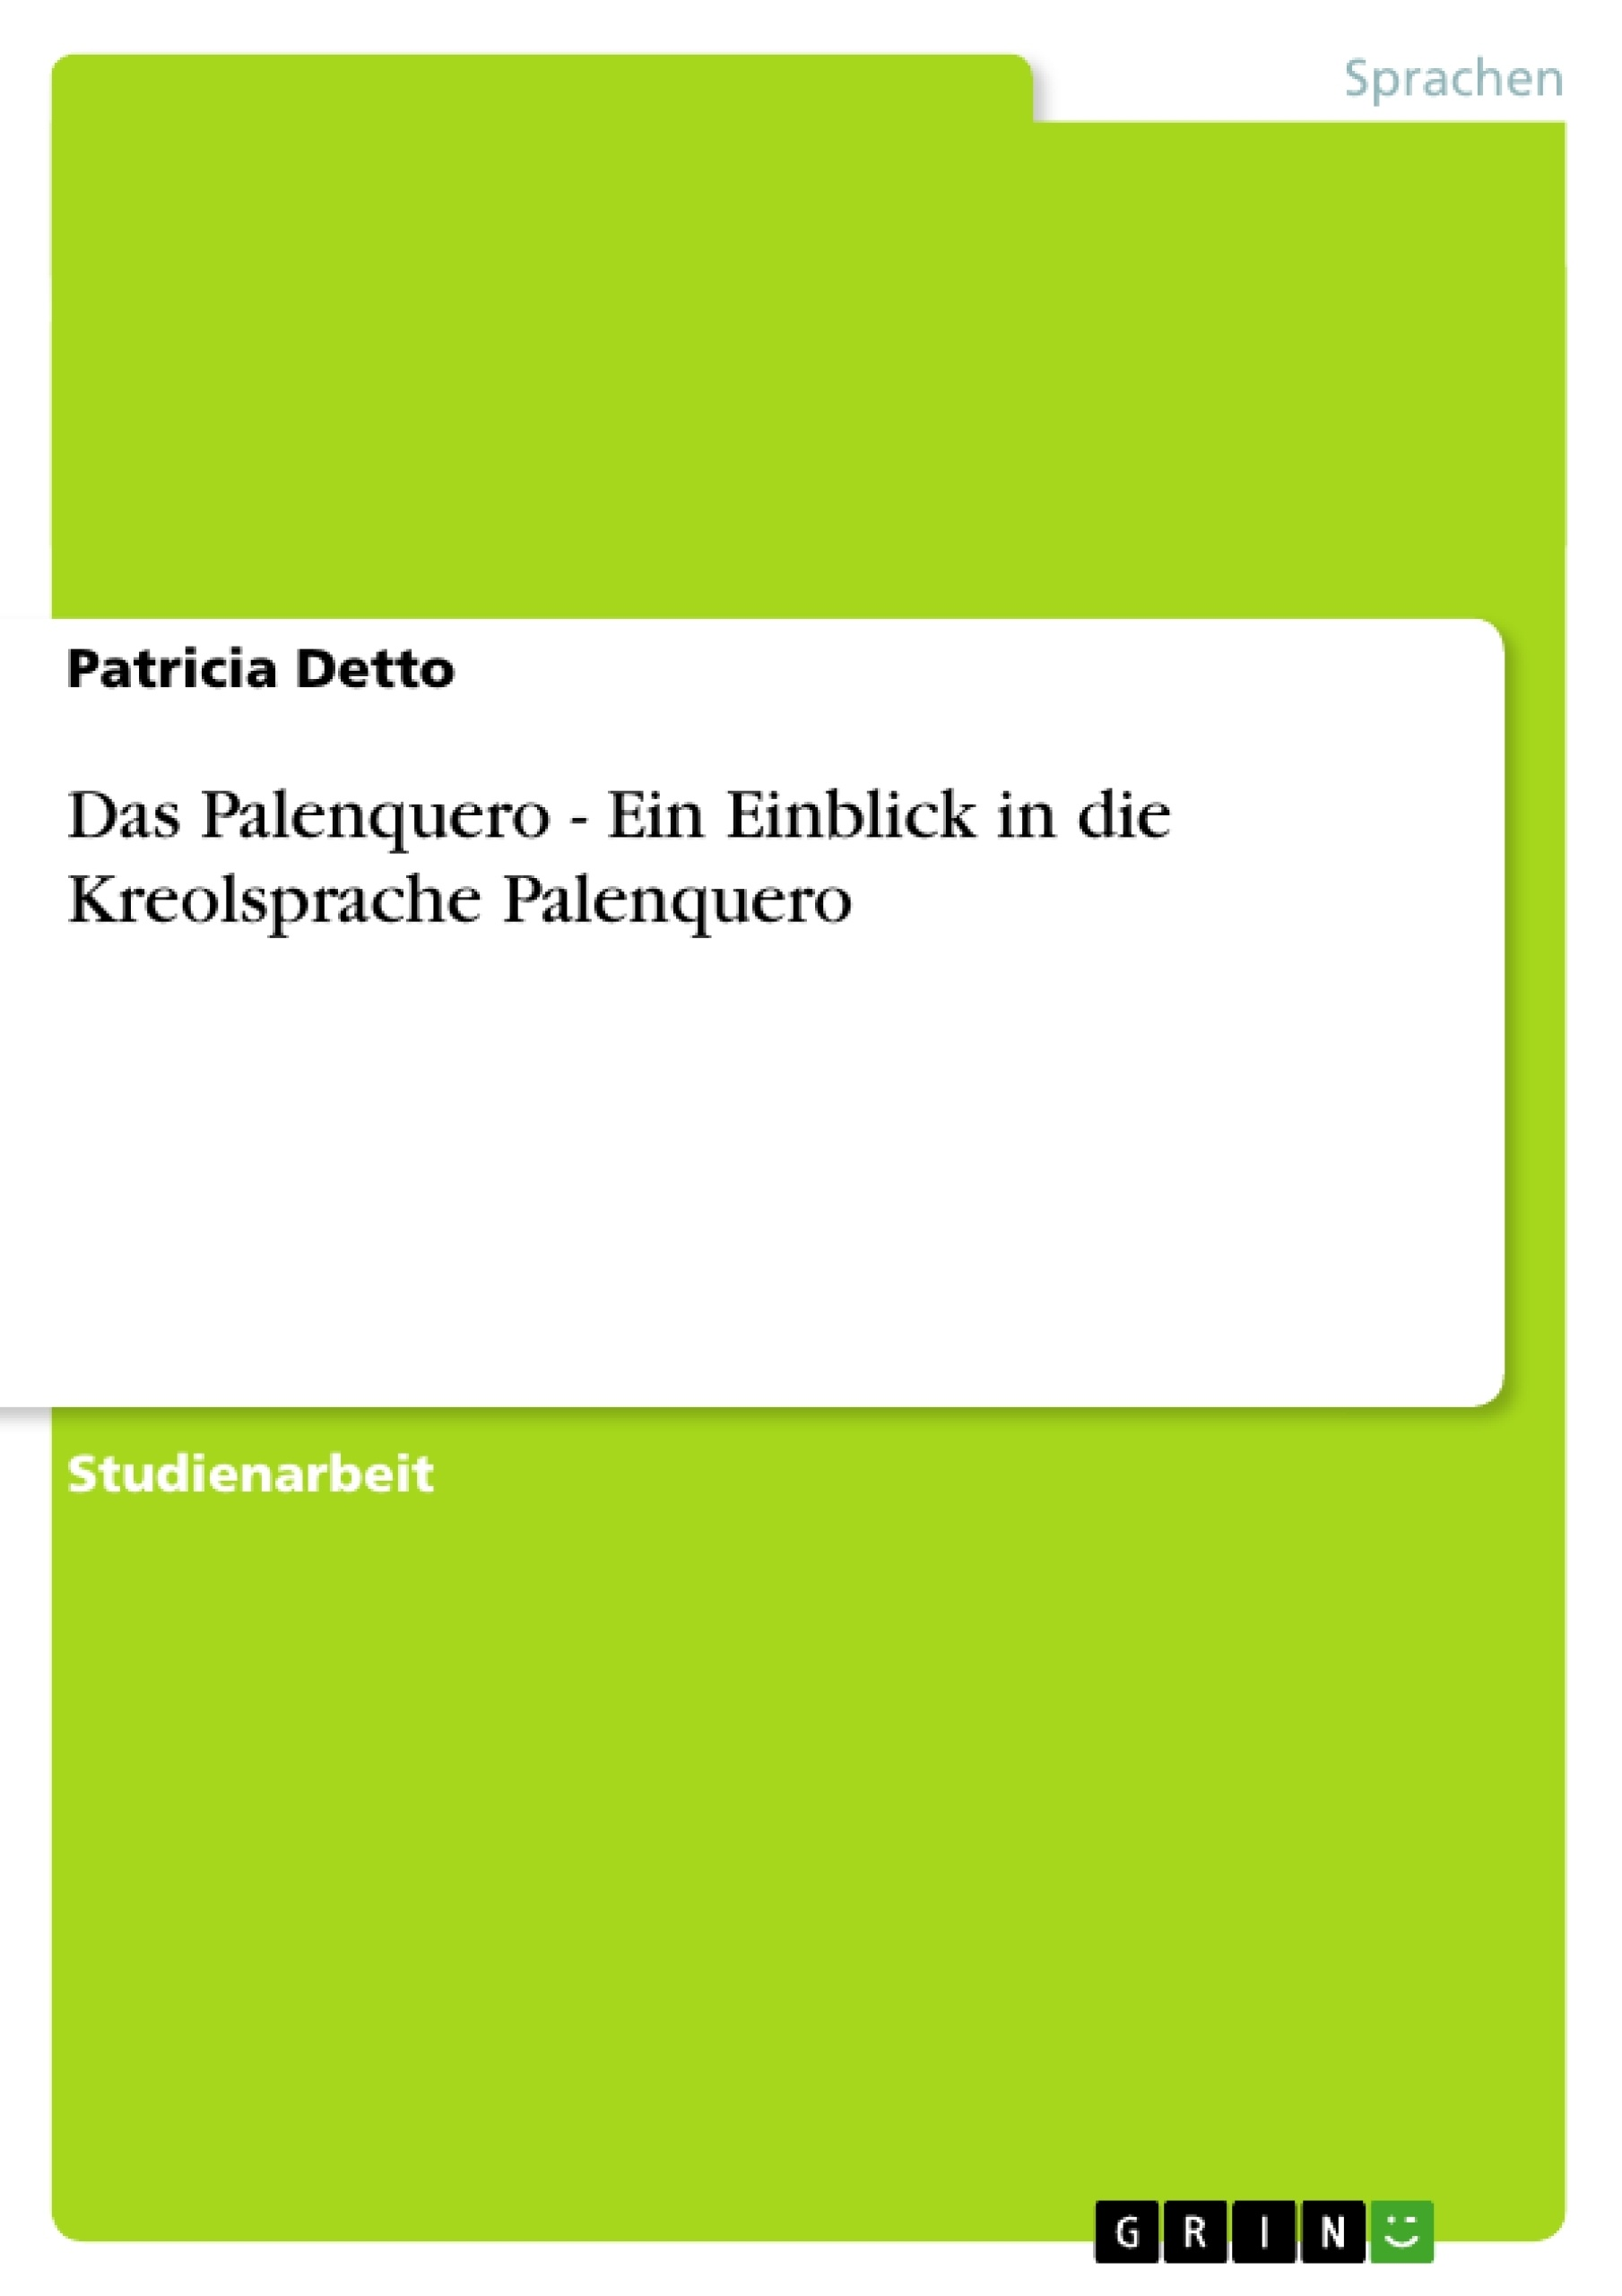 Titel: Das Palenquero - Ein Einblick in die Kreolsprache Palenquero